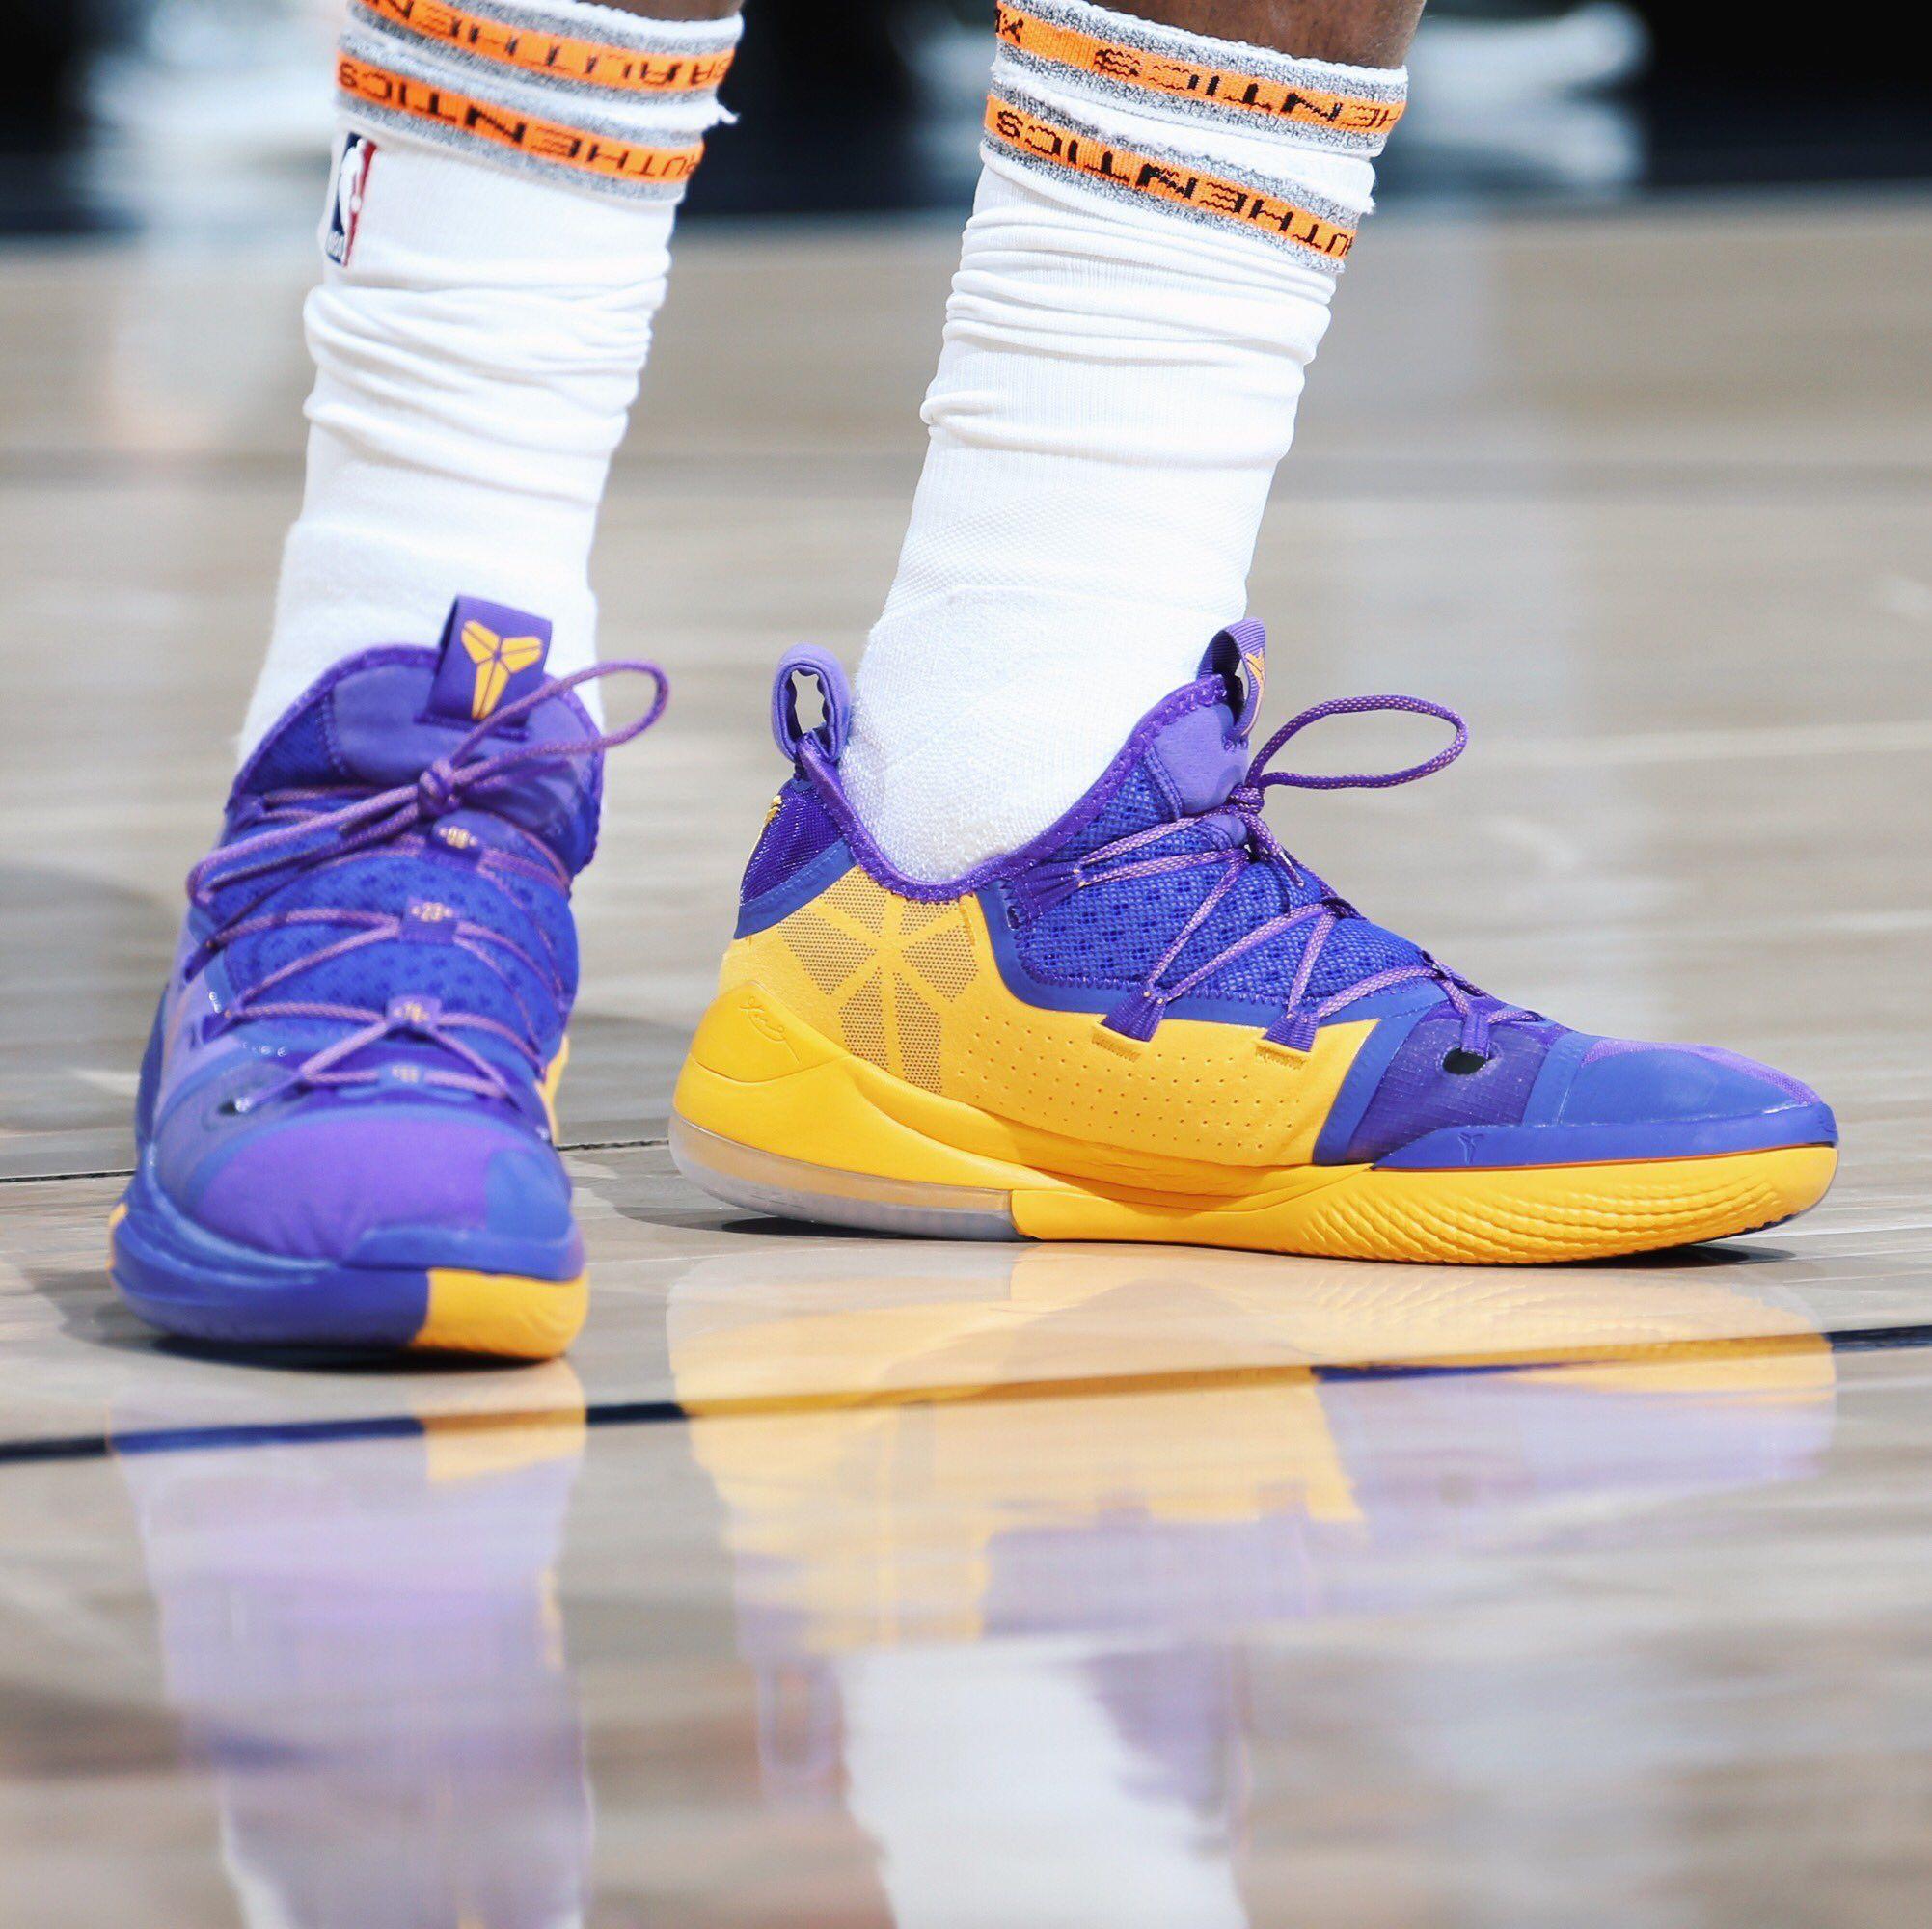 43d732b52bd Utah Jazz (18-19) Jae Crowder Nike Kobe A.D. Exodus PE